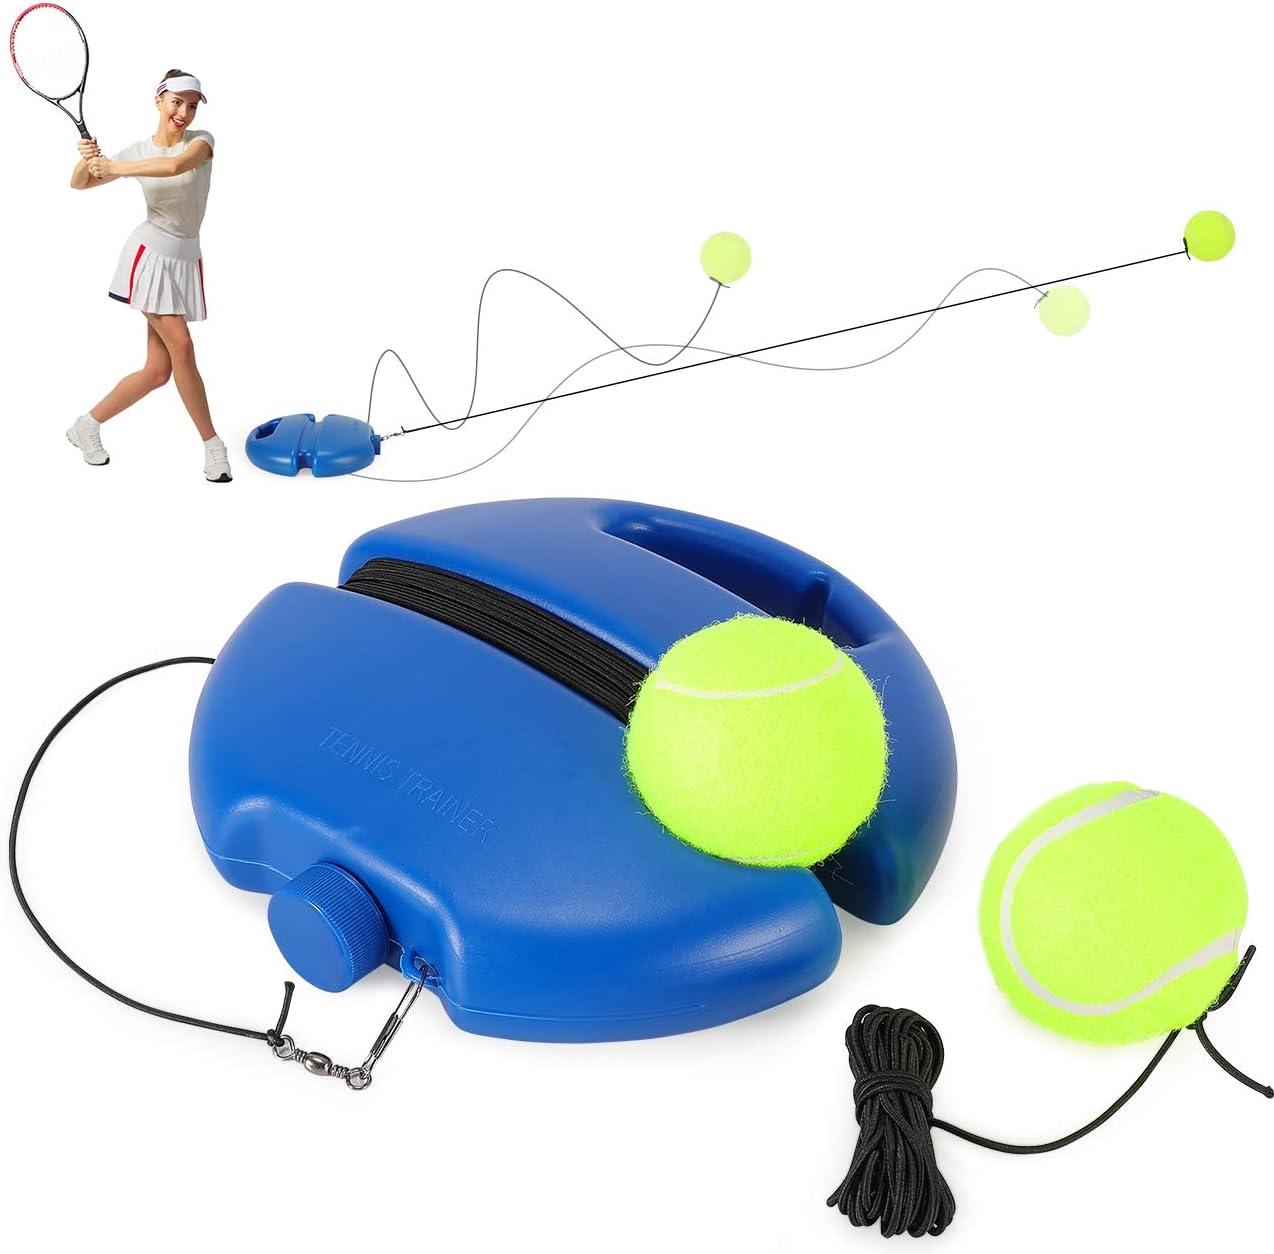 Fostoy Entrenador de Tenis, Tennis Trainer Set Trainer Baseboard con 3 Bolas de Rebote, Entrenamiento de Tenis para Entrenamiento en Solitario Niños Adultos Jugador Principiante